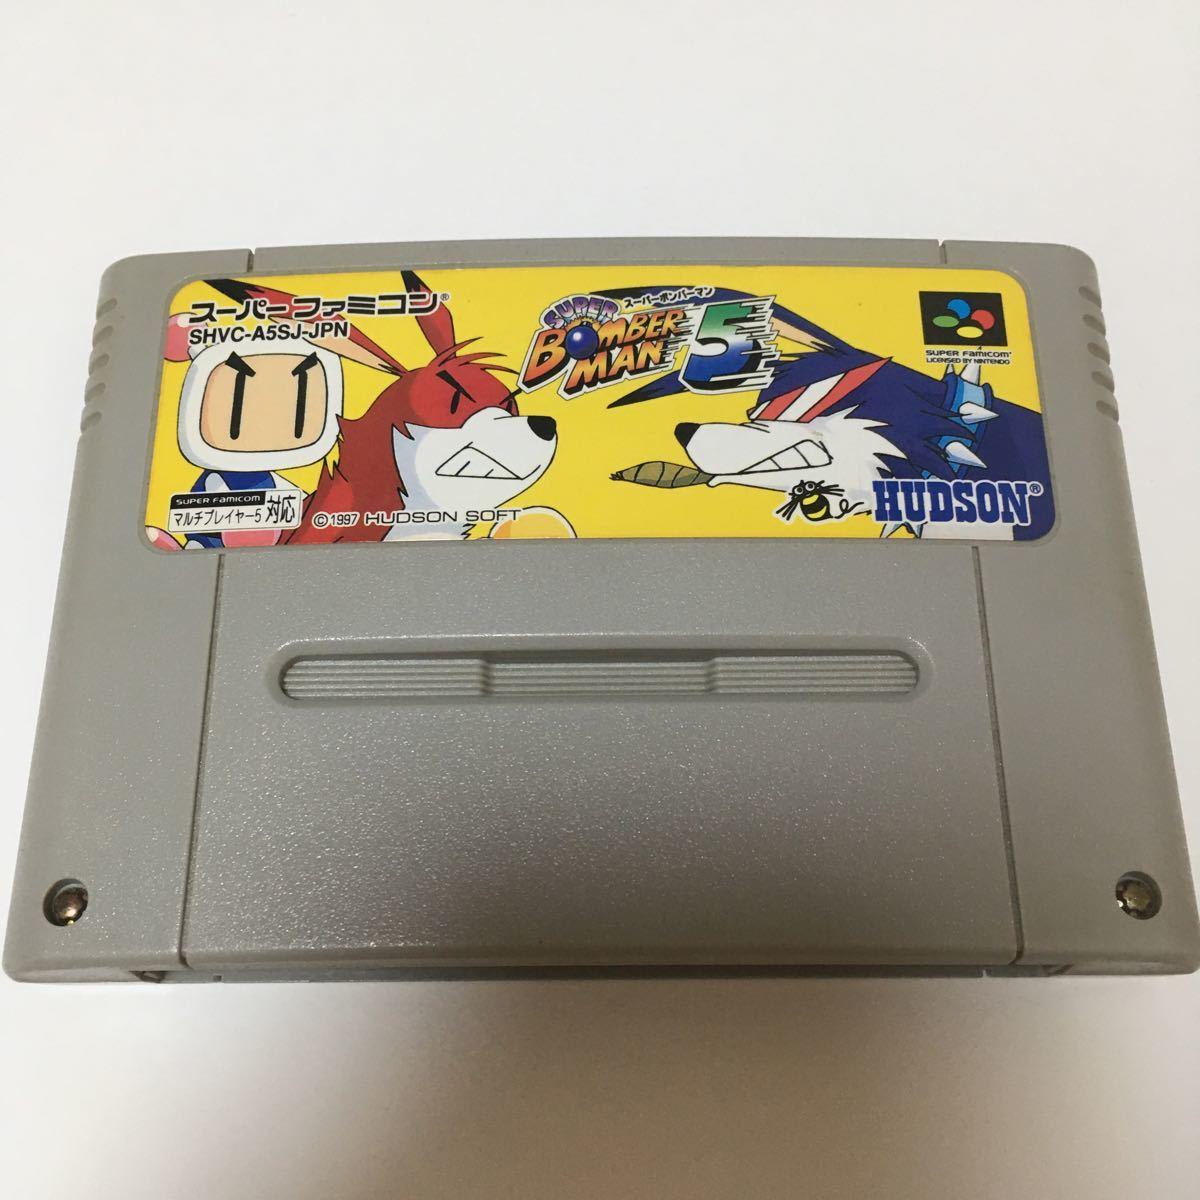 スーパーファミコン ソフト スーパーボンバーマン5 動作確認済み カセット ハドソン スーファミ レトロ ゲーム